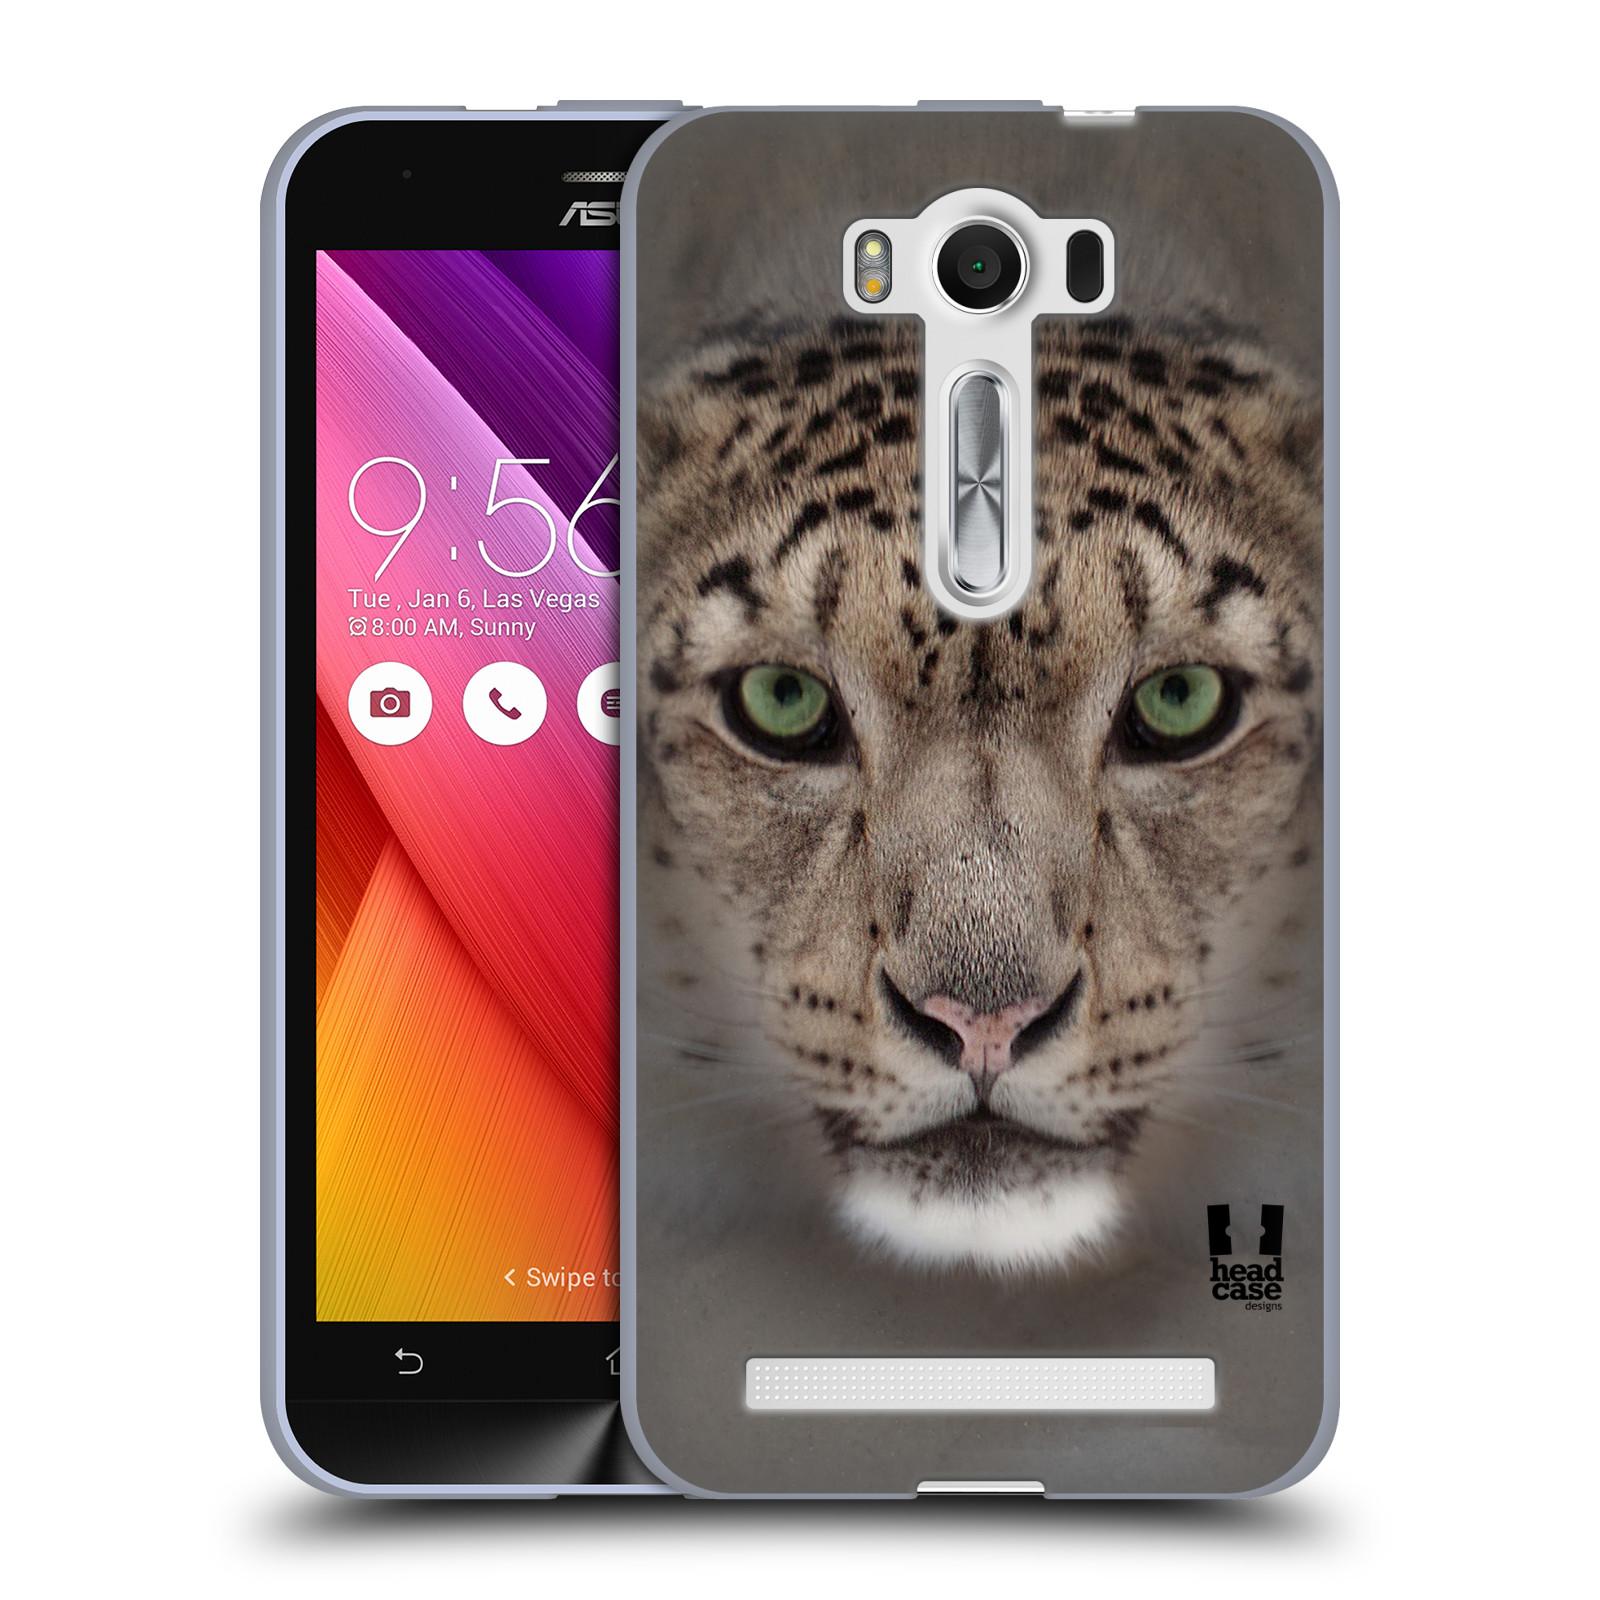 """HEAD CASE silikonový obal na mobil Asus Zenfone 2 LASER (ZE500KL s 5"""" displejem) vzor Zvířecí tváře 2 sněžný leopard"""